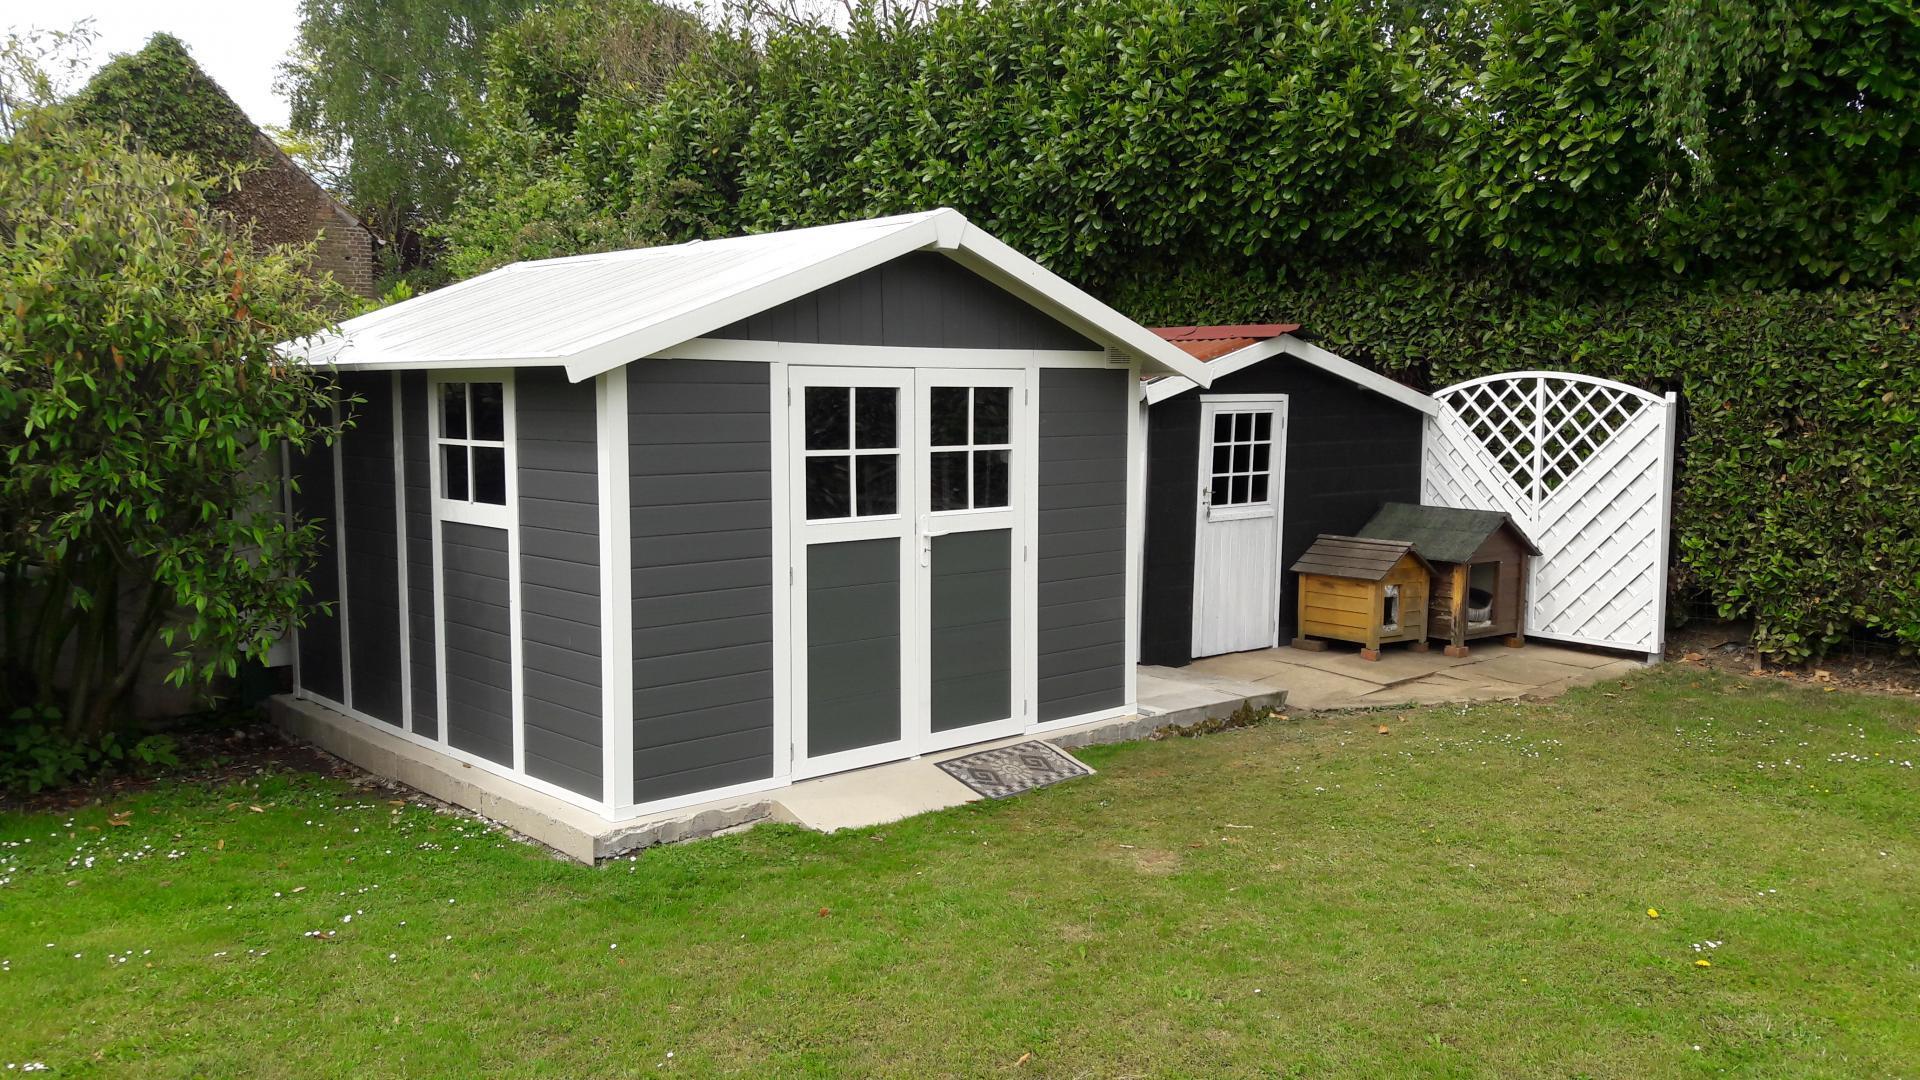 Abri De Jardin En Pvc 11,2M² Deco Gris Foncé Et Blanc Grosfillex concernant Abri De Jardin Résine Grosfillex 11 2 M2